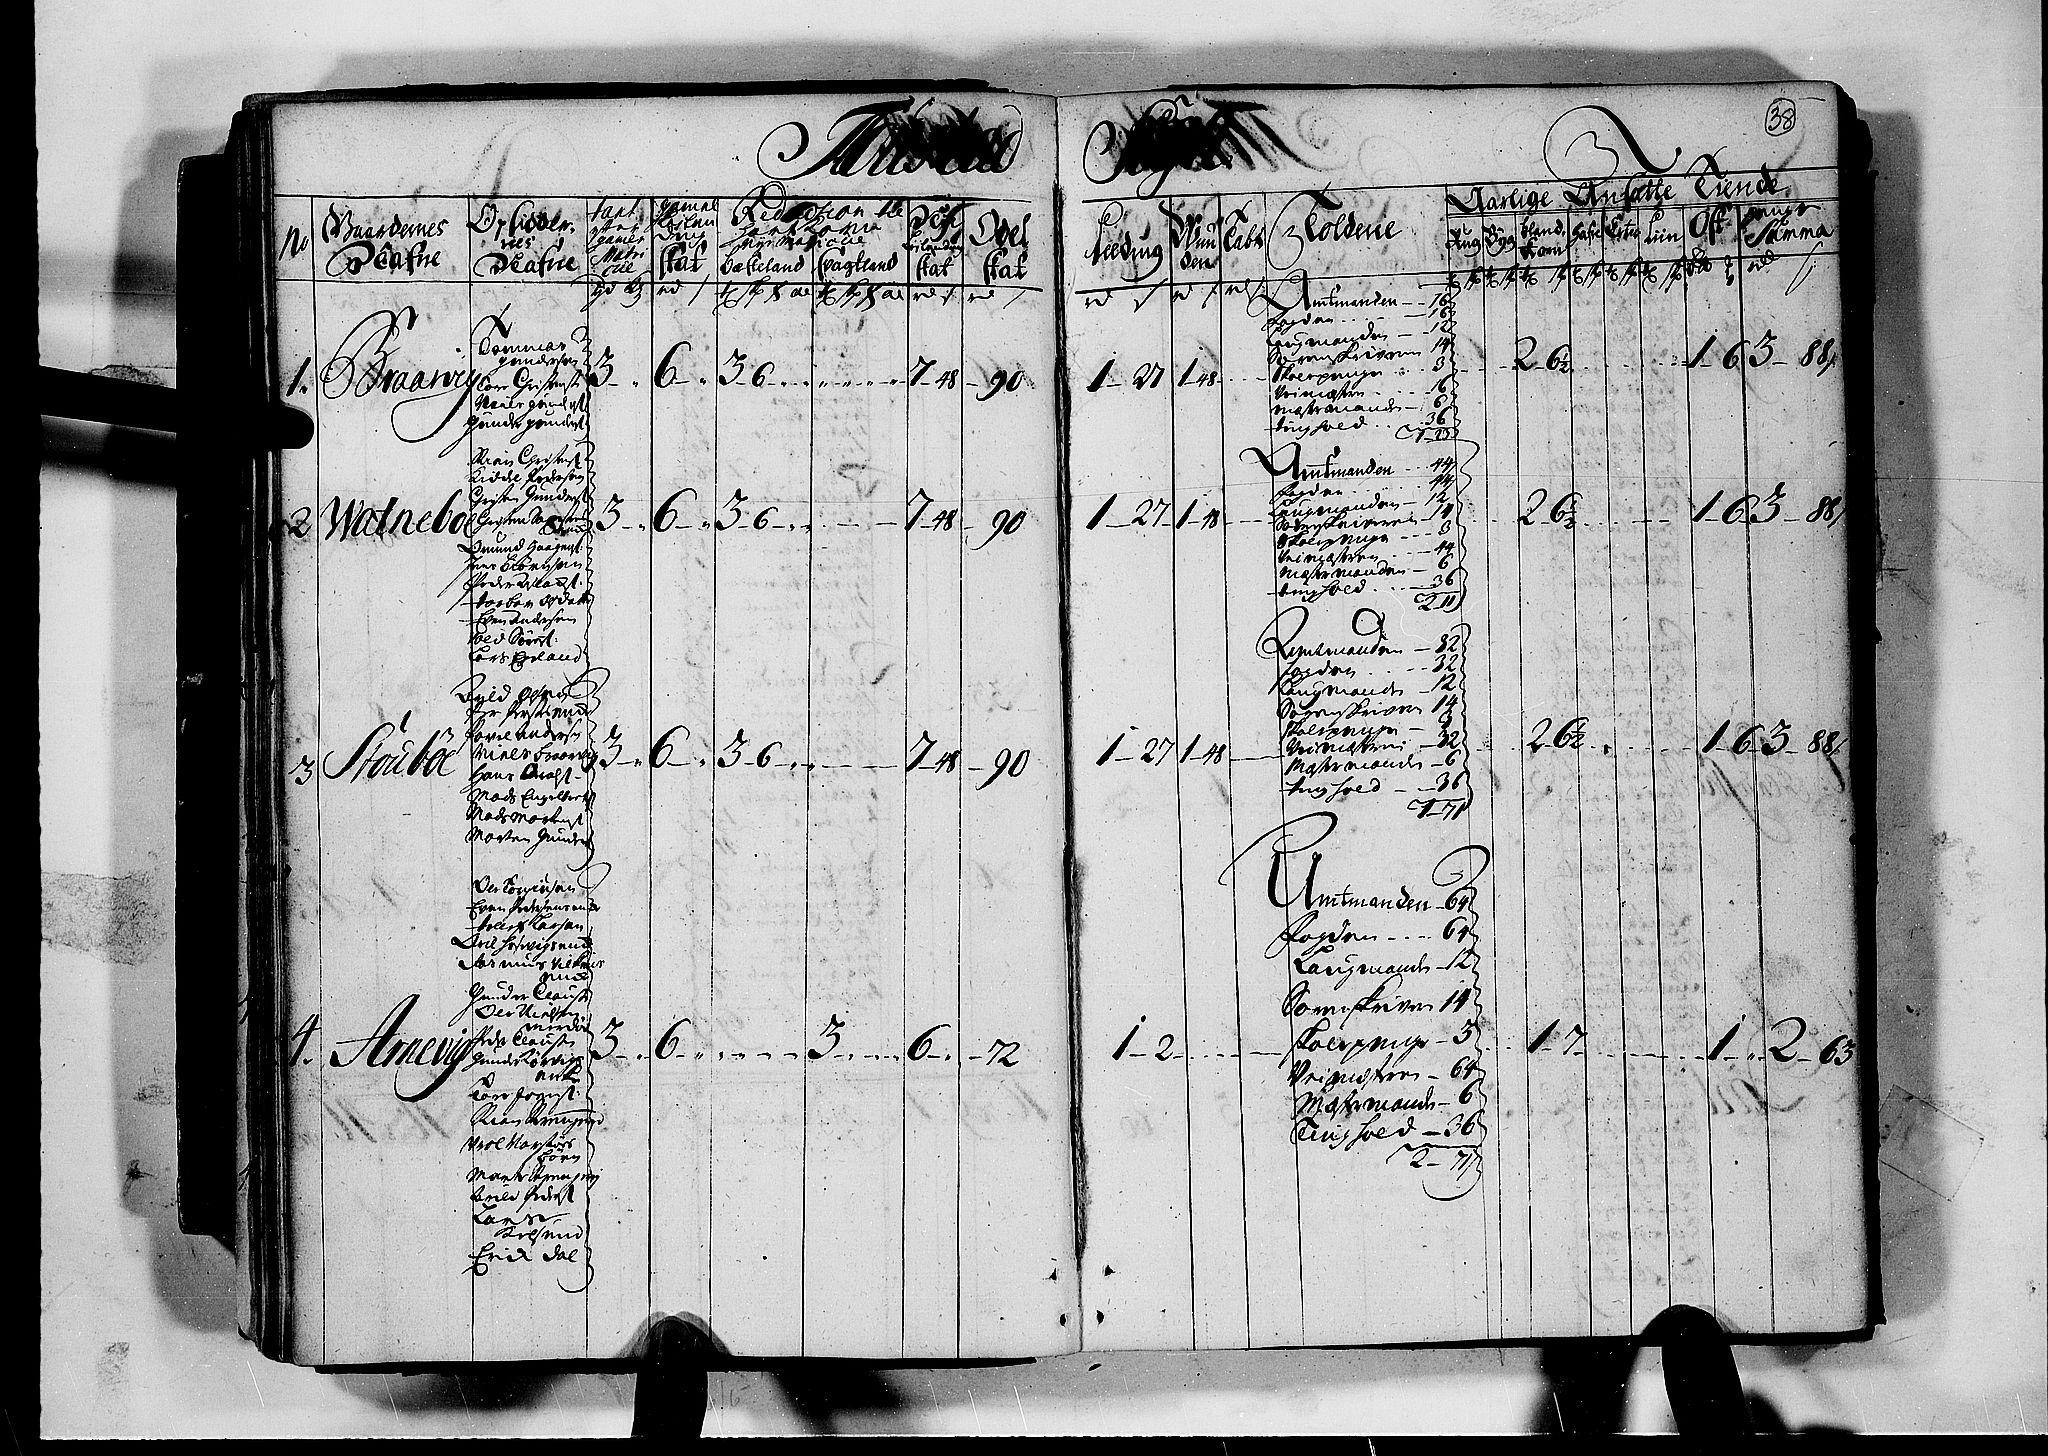 RA, Rentekammeret inntil 1814, Realistisk ordnet avdeling, N/Nb/Nbf/L0124: Nedenes matrikkelprotokoll, 1723, s. 37b-38a